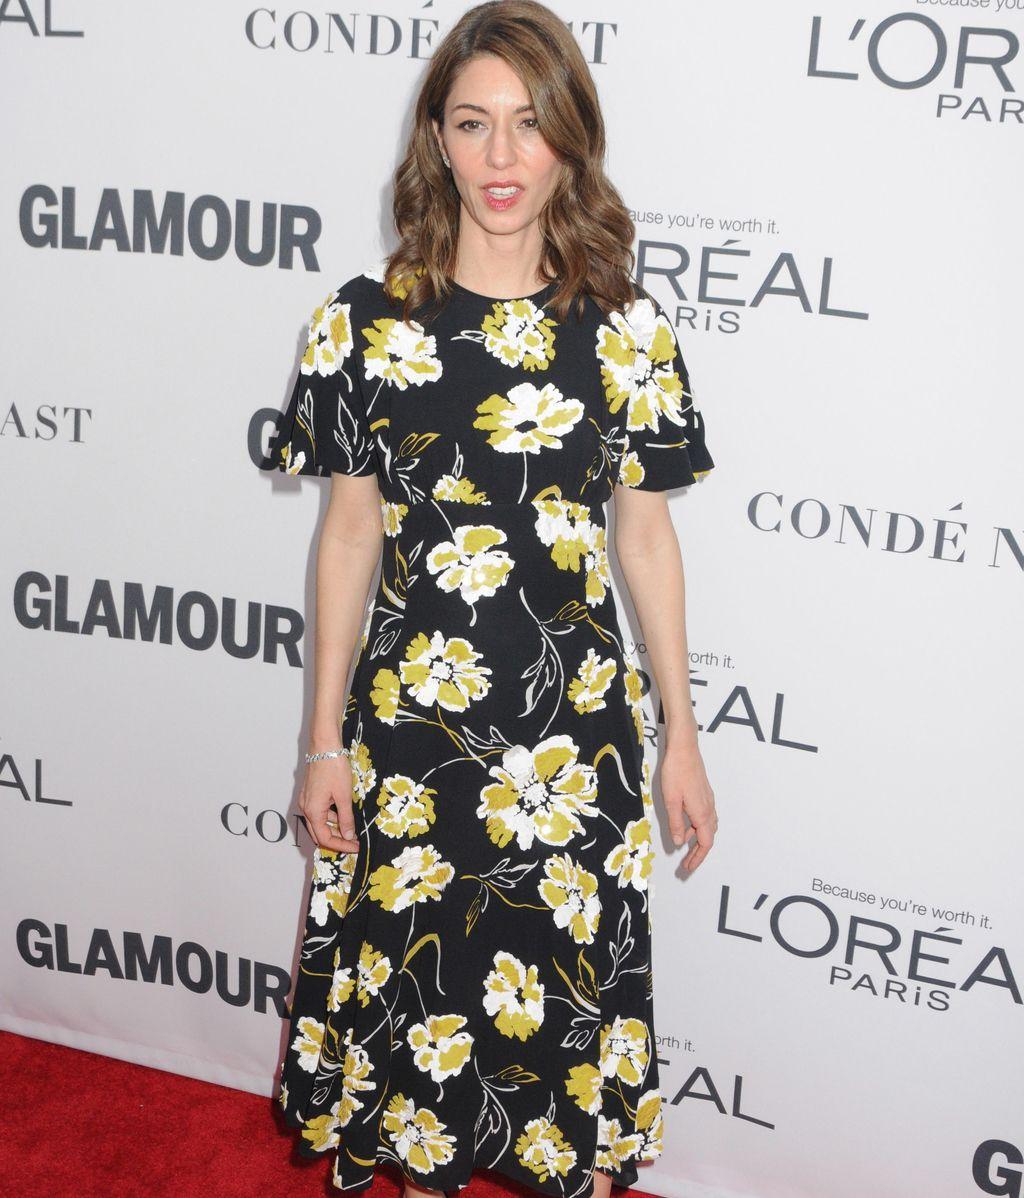 Las hermanas Hadid, Nicole Kidman y una cambiadísima Iman: glamour y mujeres en la noche neoyorkina